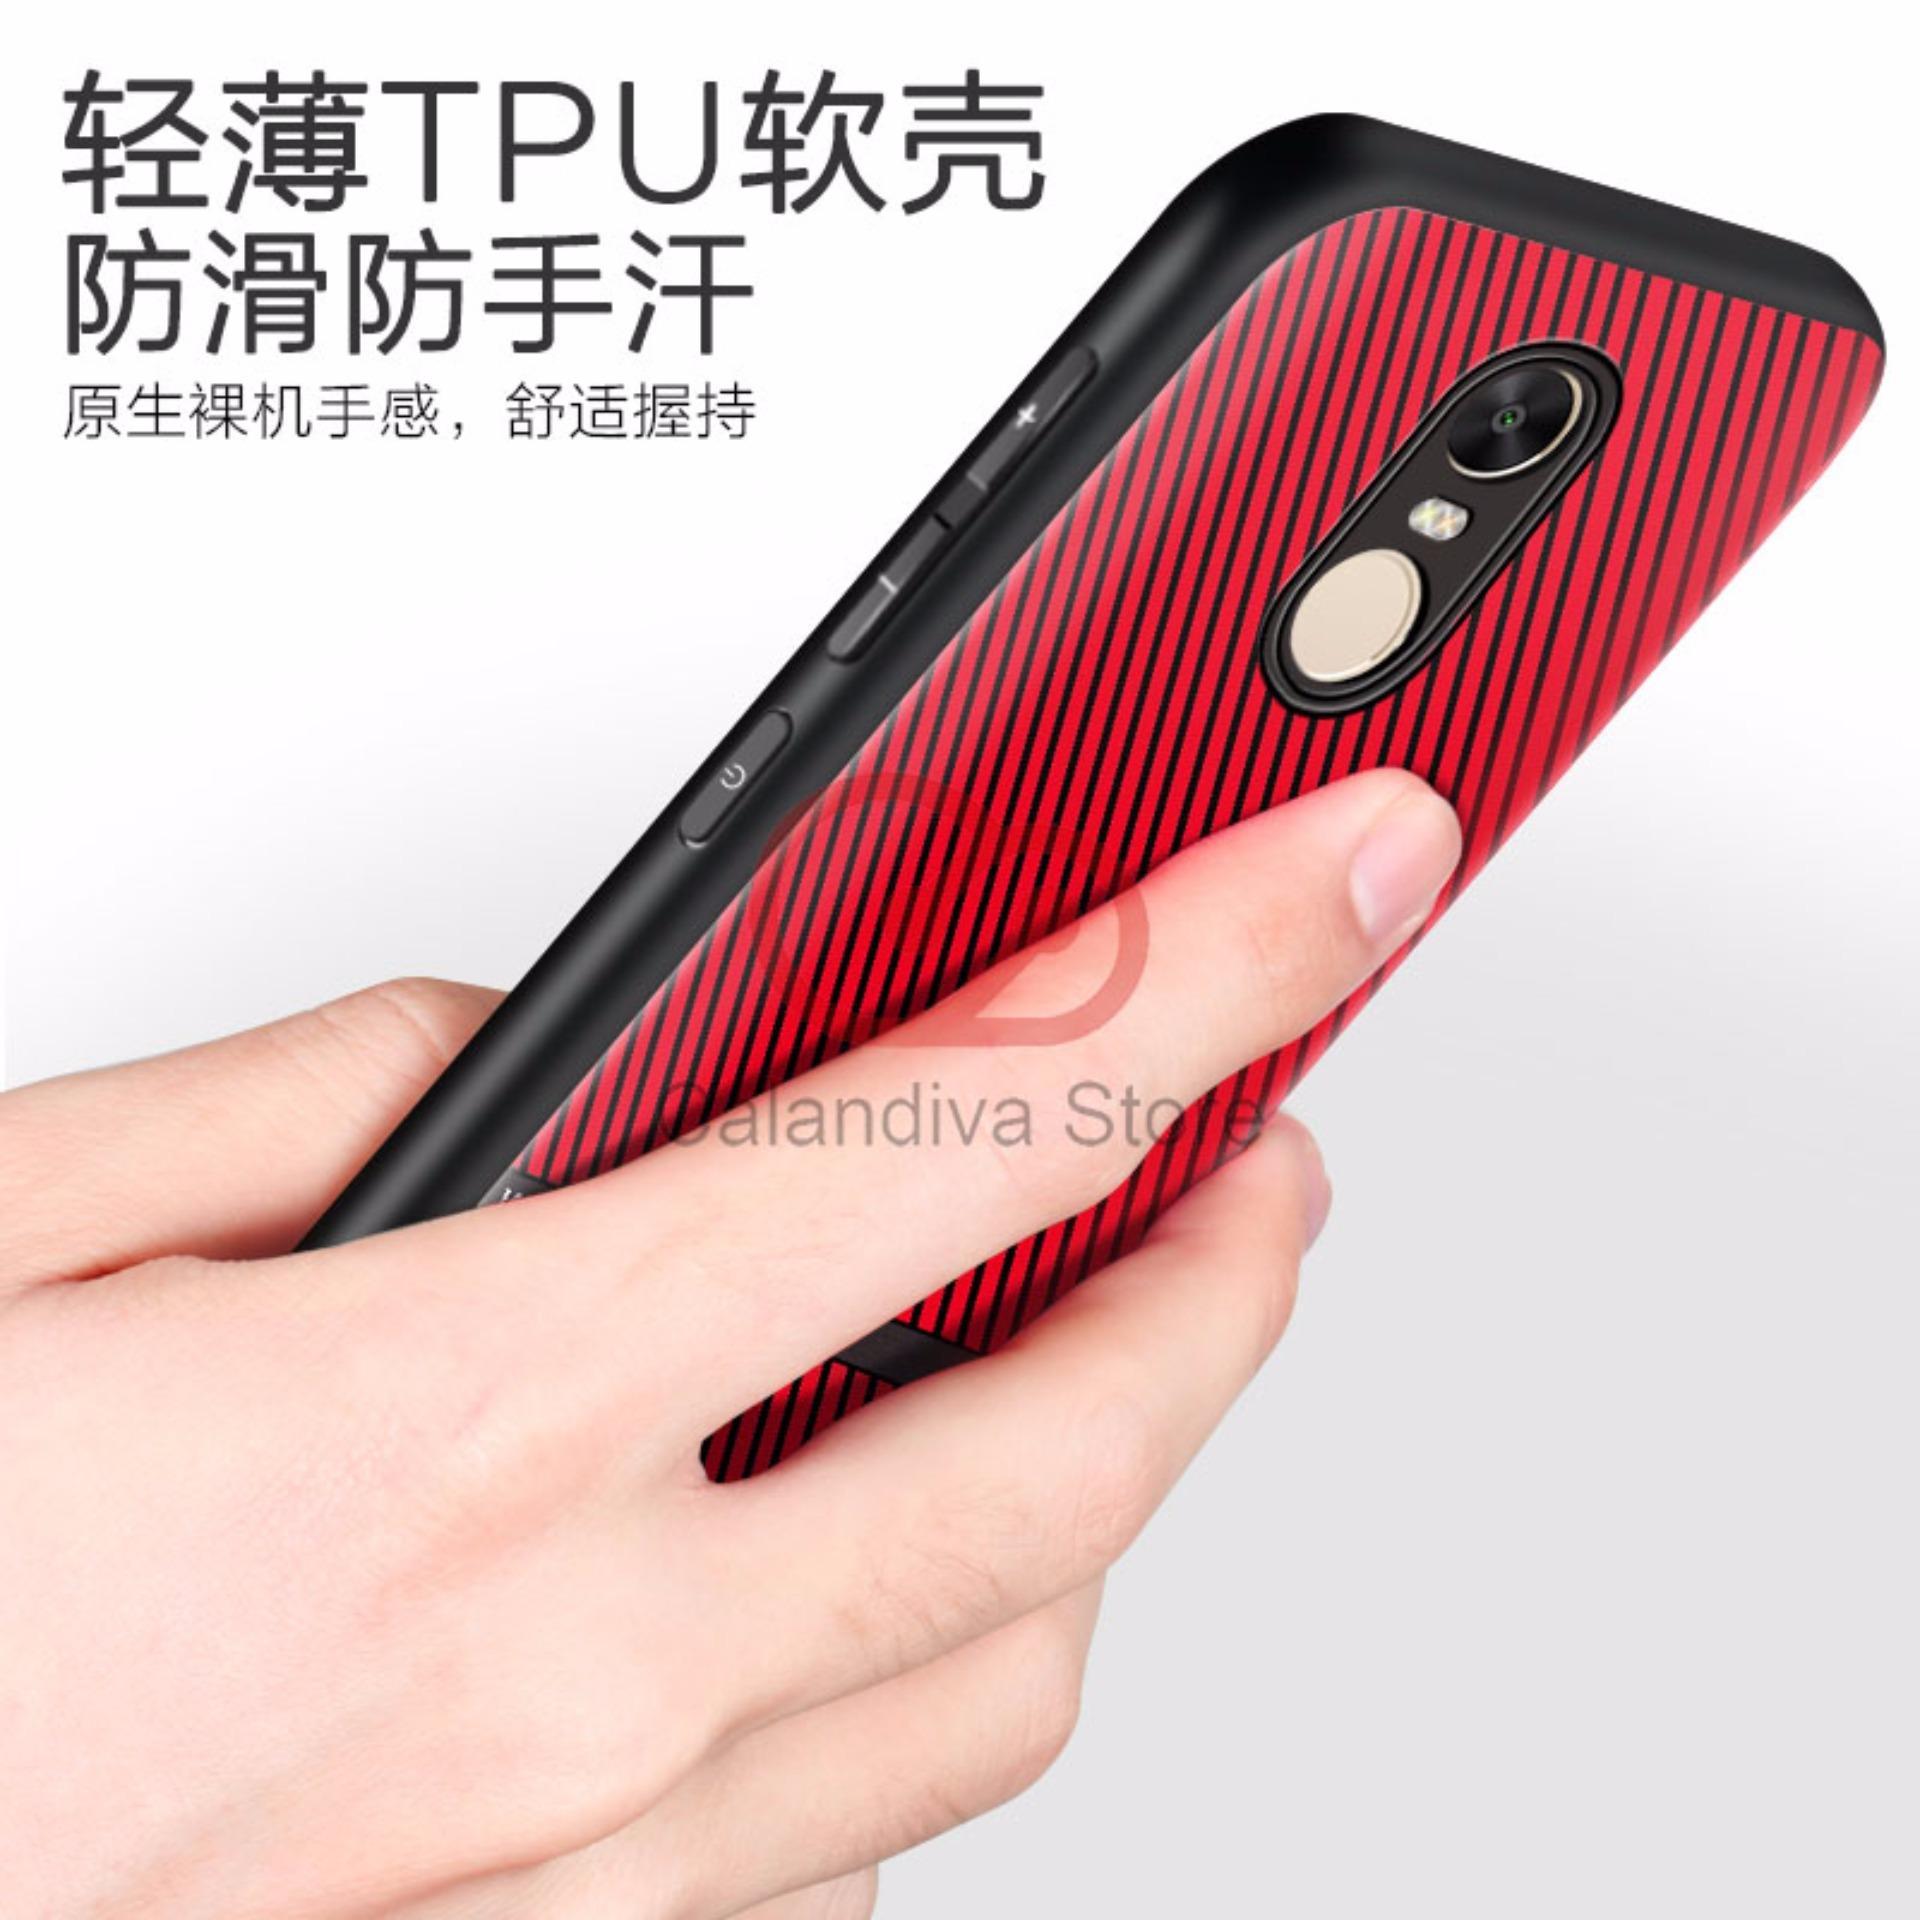 Calandiva Gentlemen Series Shockproof Hybrid Case for Xiaomi Redmi Note 4 Mediatek /